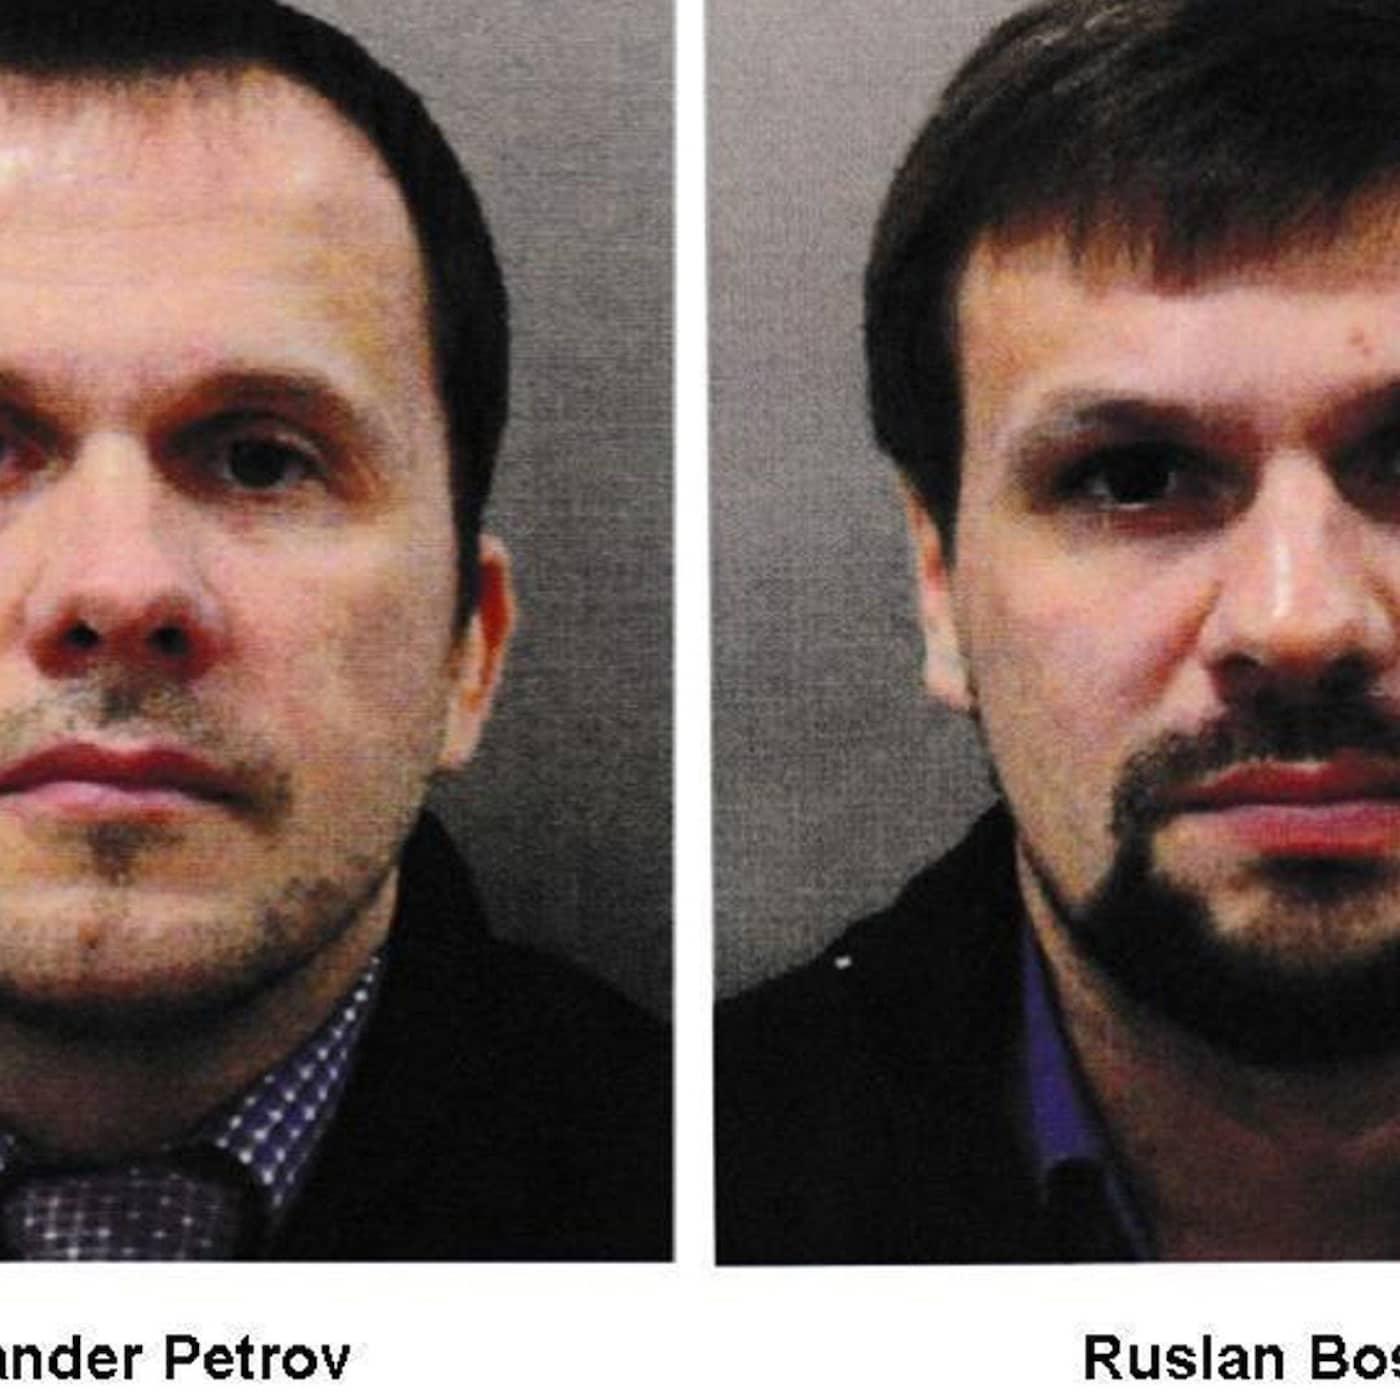 Ryska agenter och stormig storpolitik